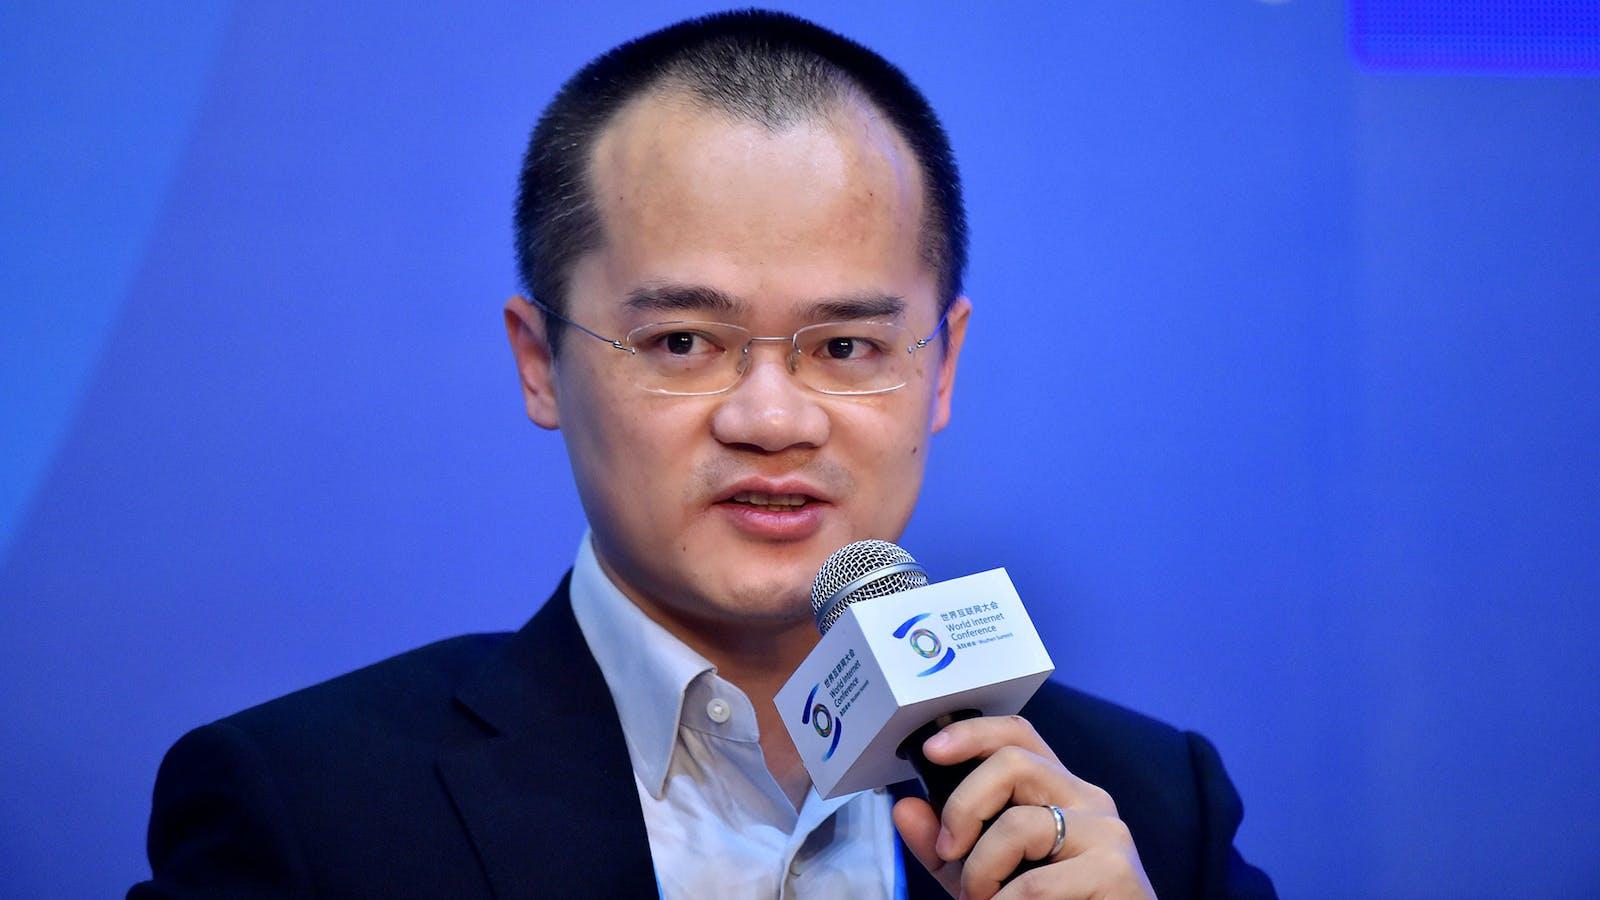 Meituan founder Wang Xing. Photo: AP